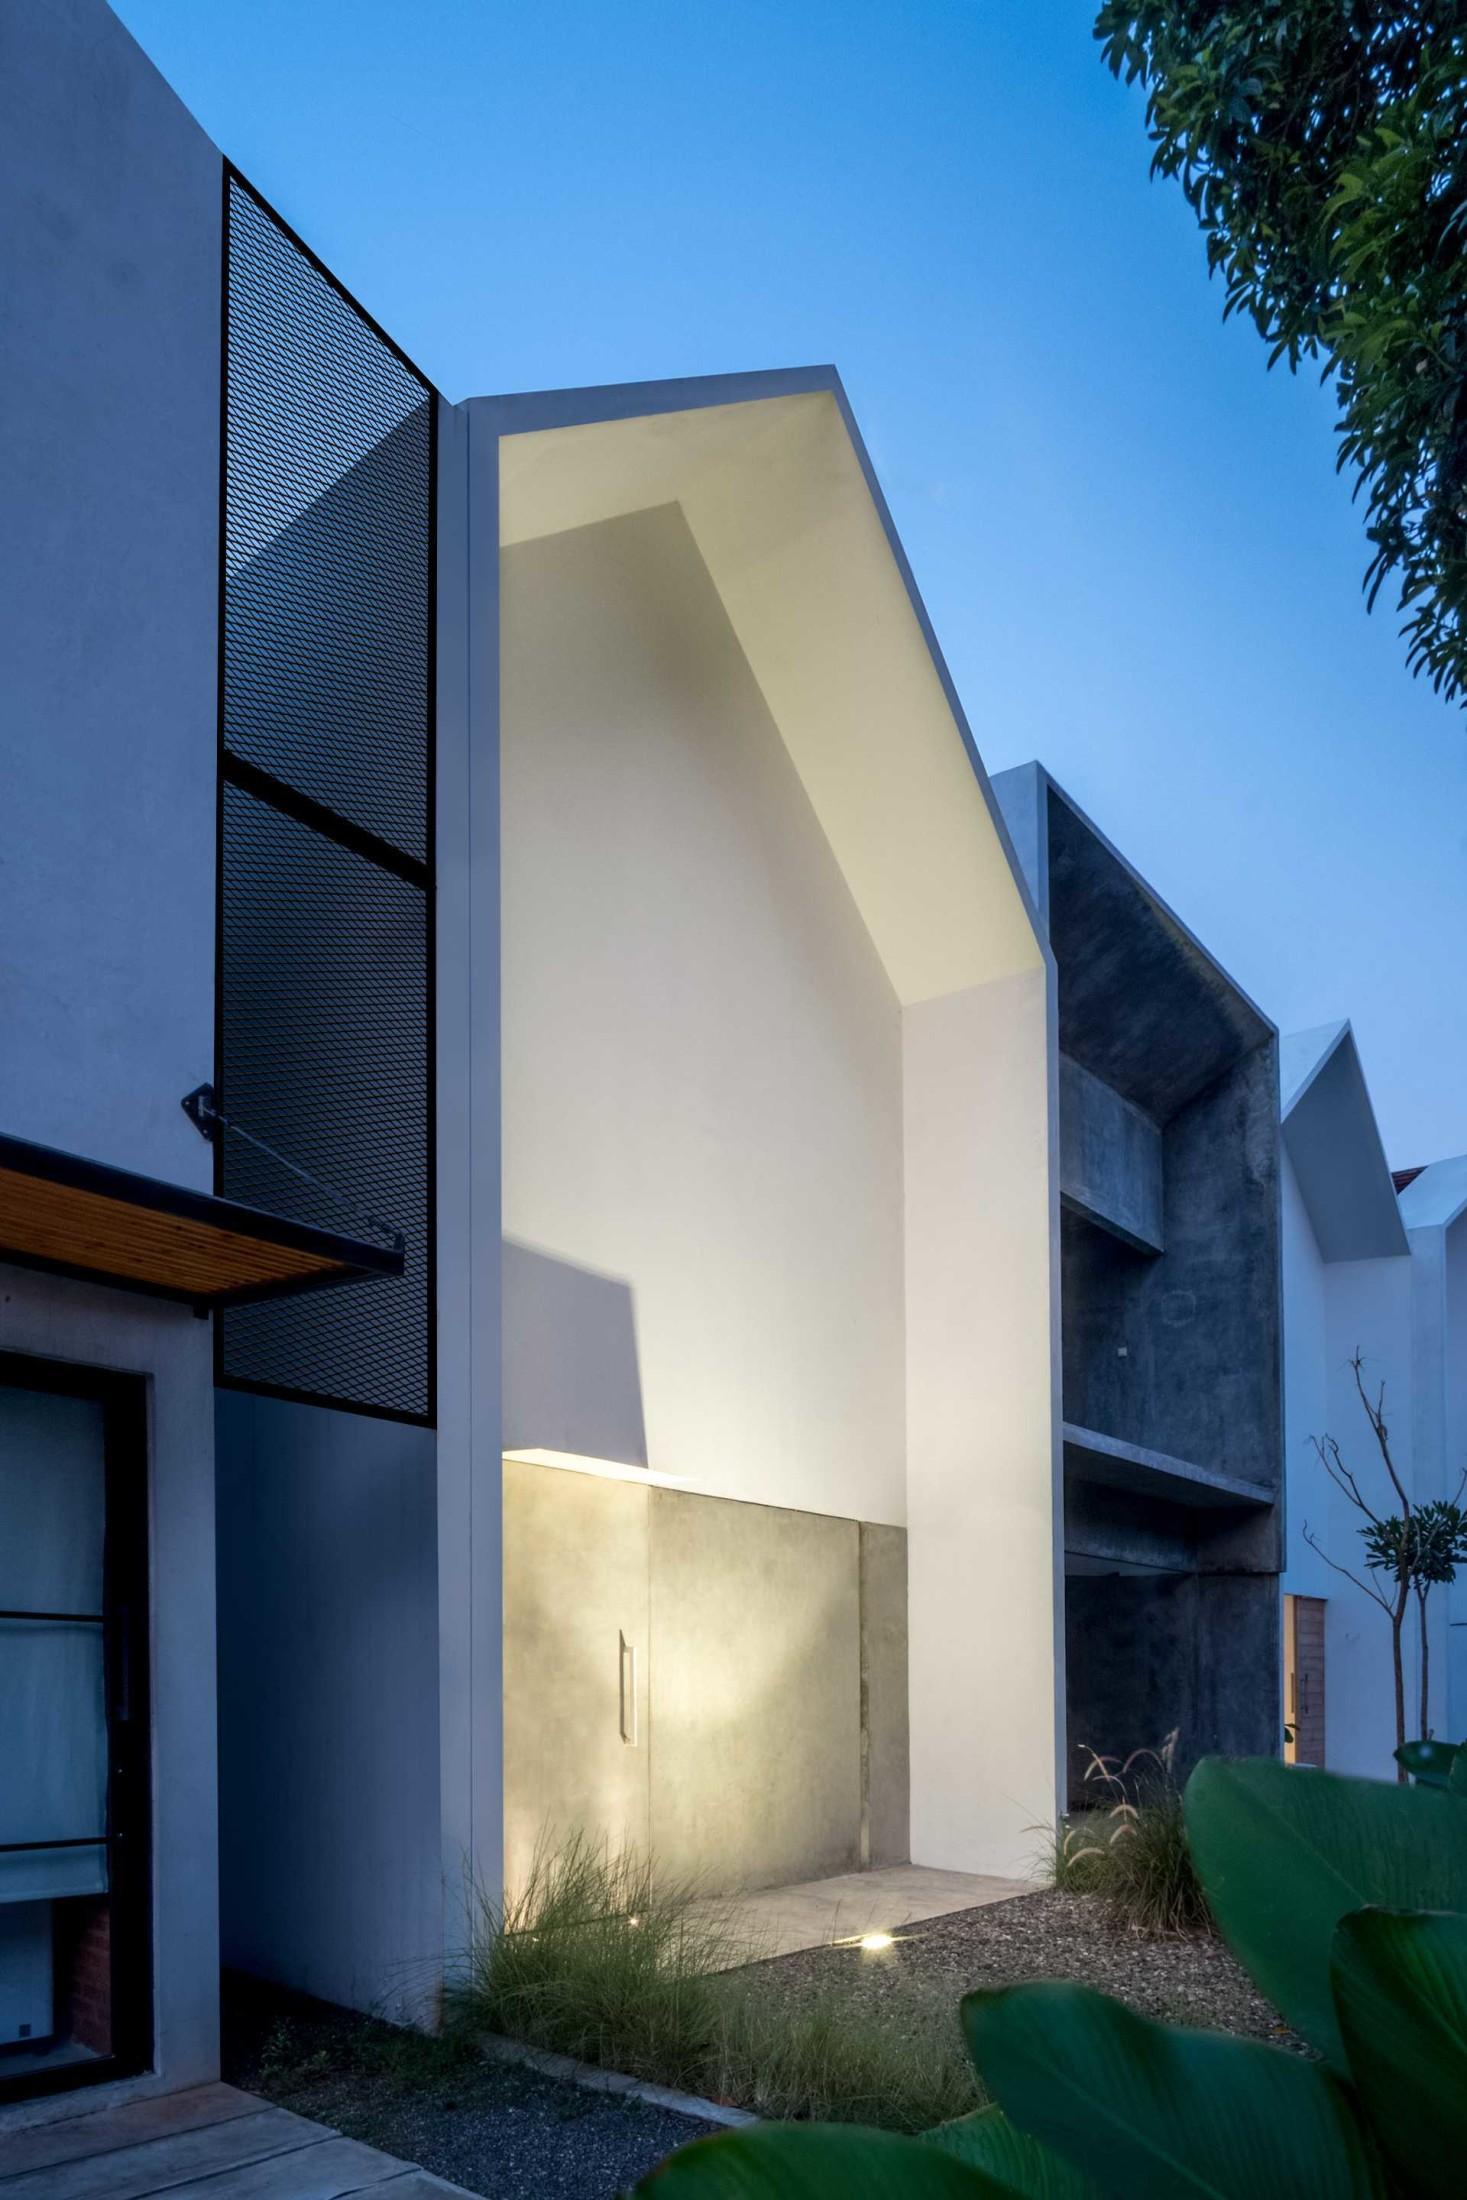 Baca juga: Jenis-jenis Tanaman Pelengkap Desain Interior Kekinian